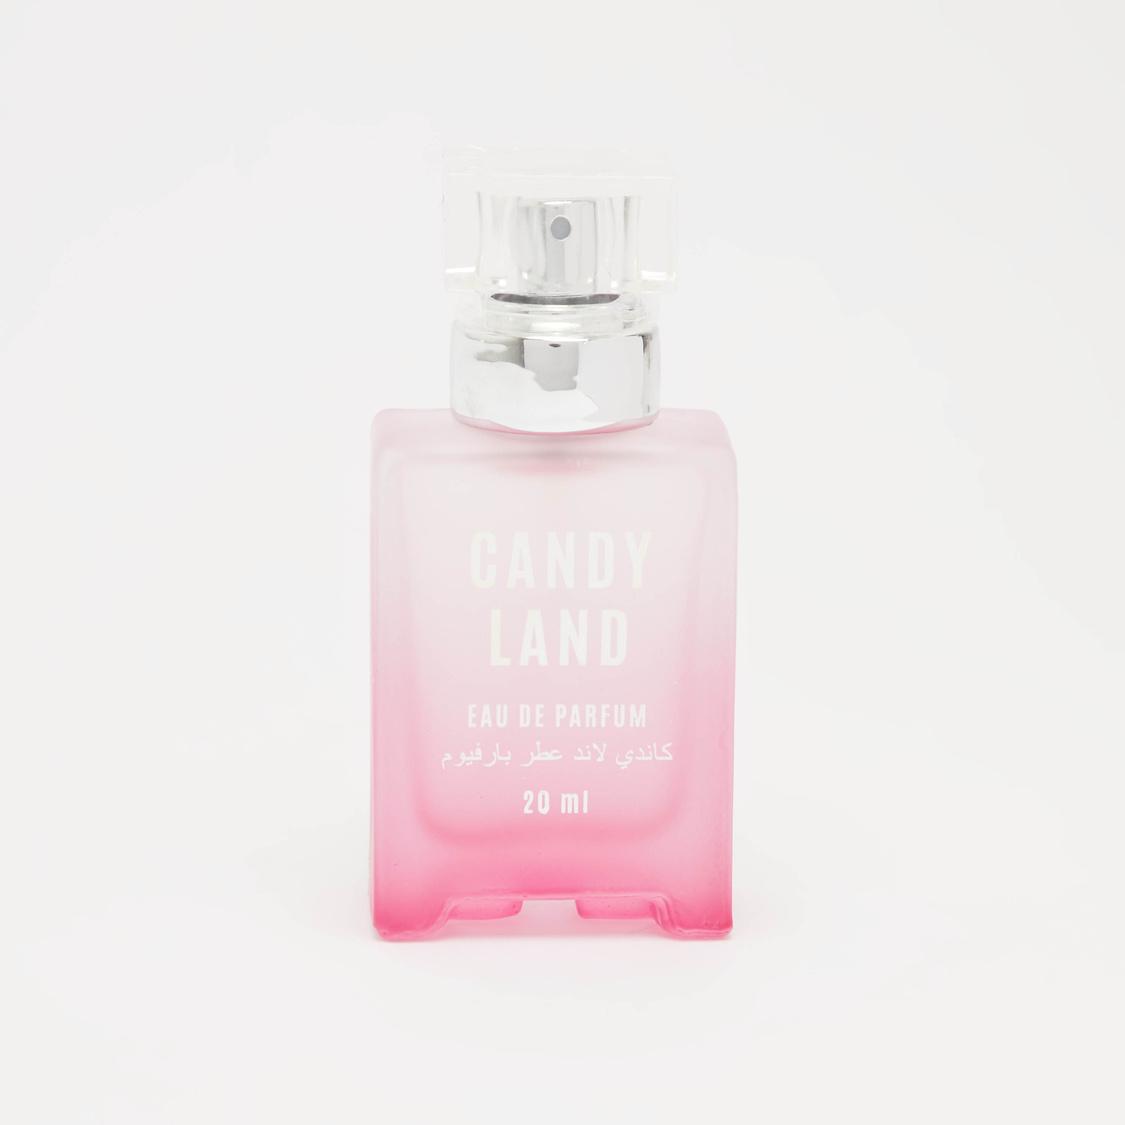 Candy Land Eau De Parfum - 20 ml